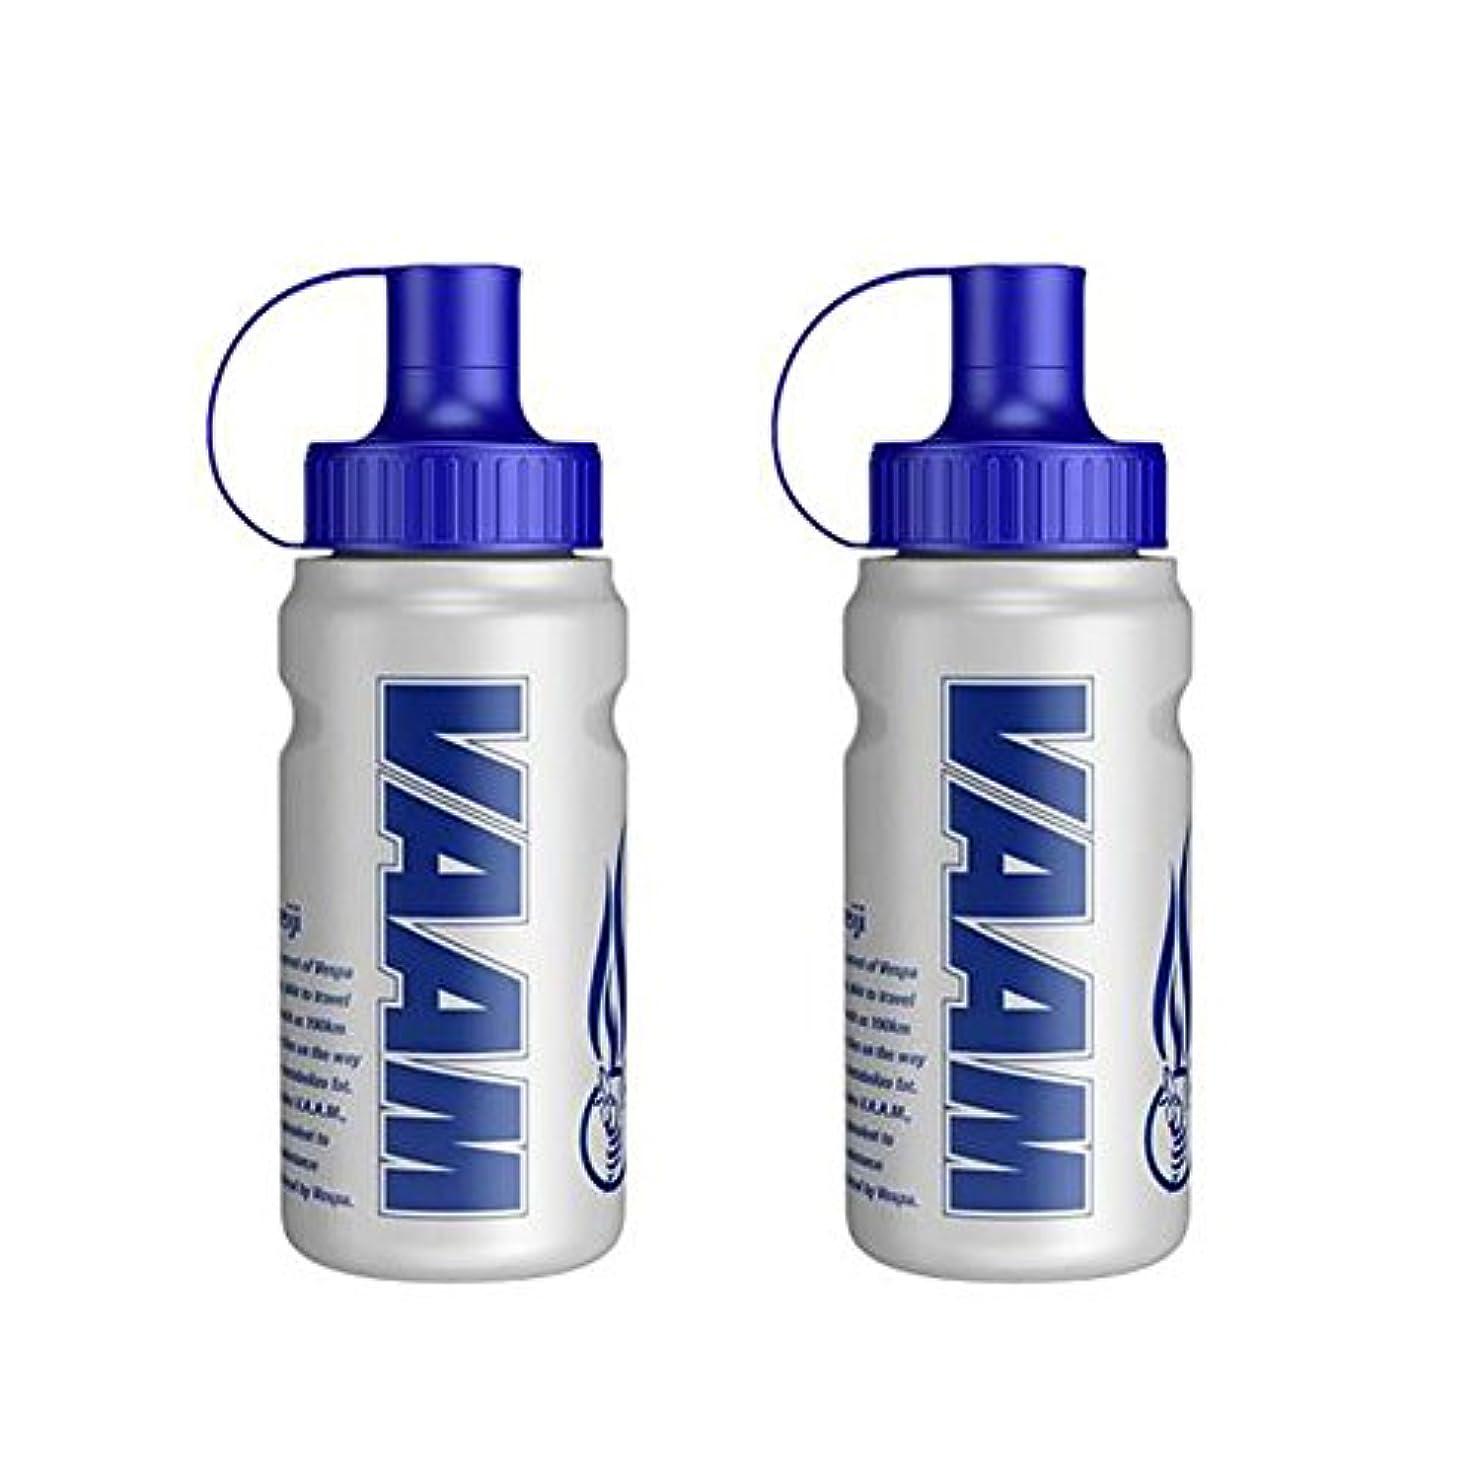 調停者人工バルセロナMGN(明治乳業) ヴァームスクイズボトル 500ml 2個セット 2650968-2SET